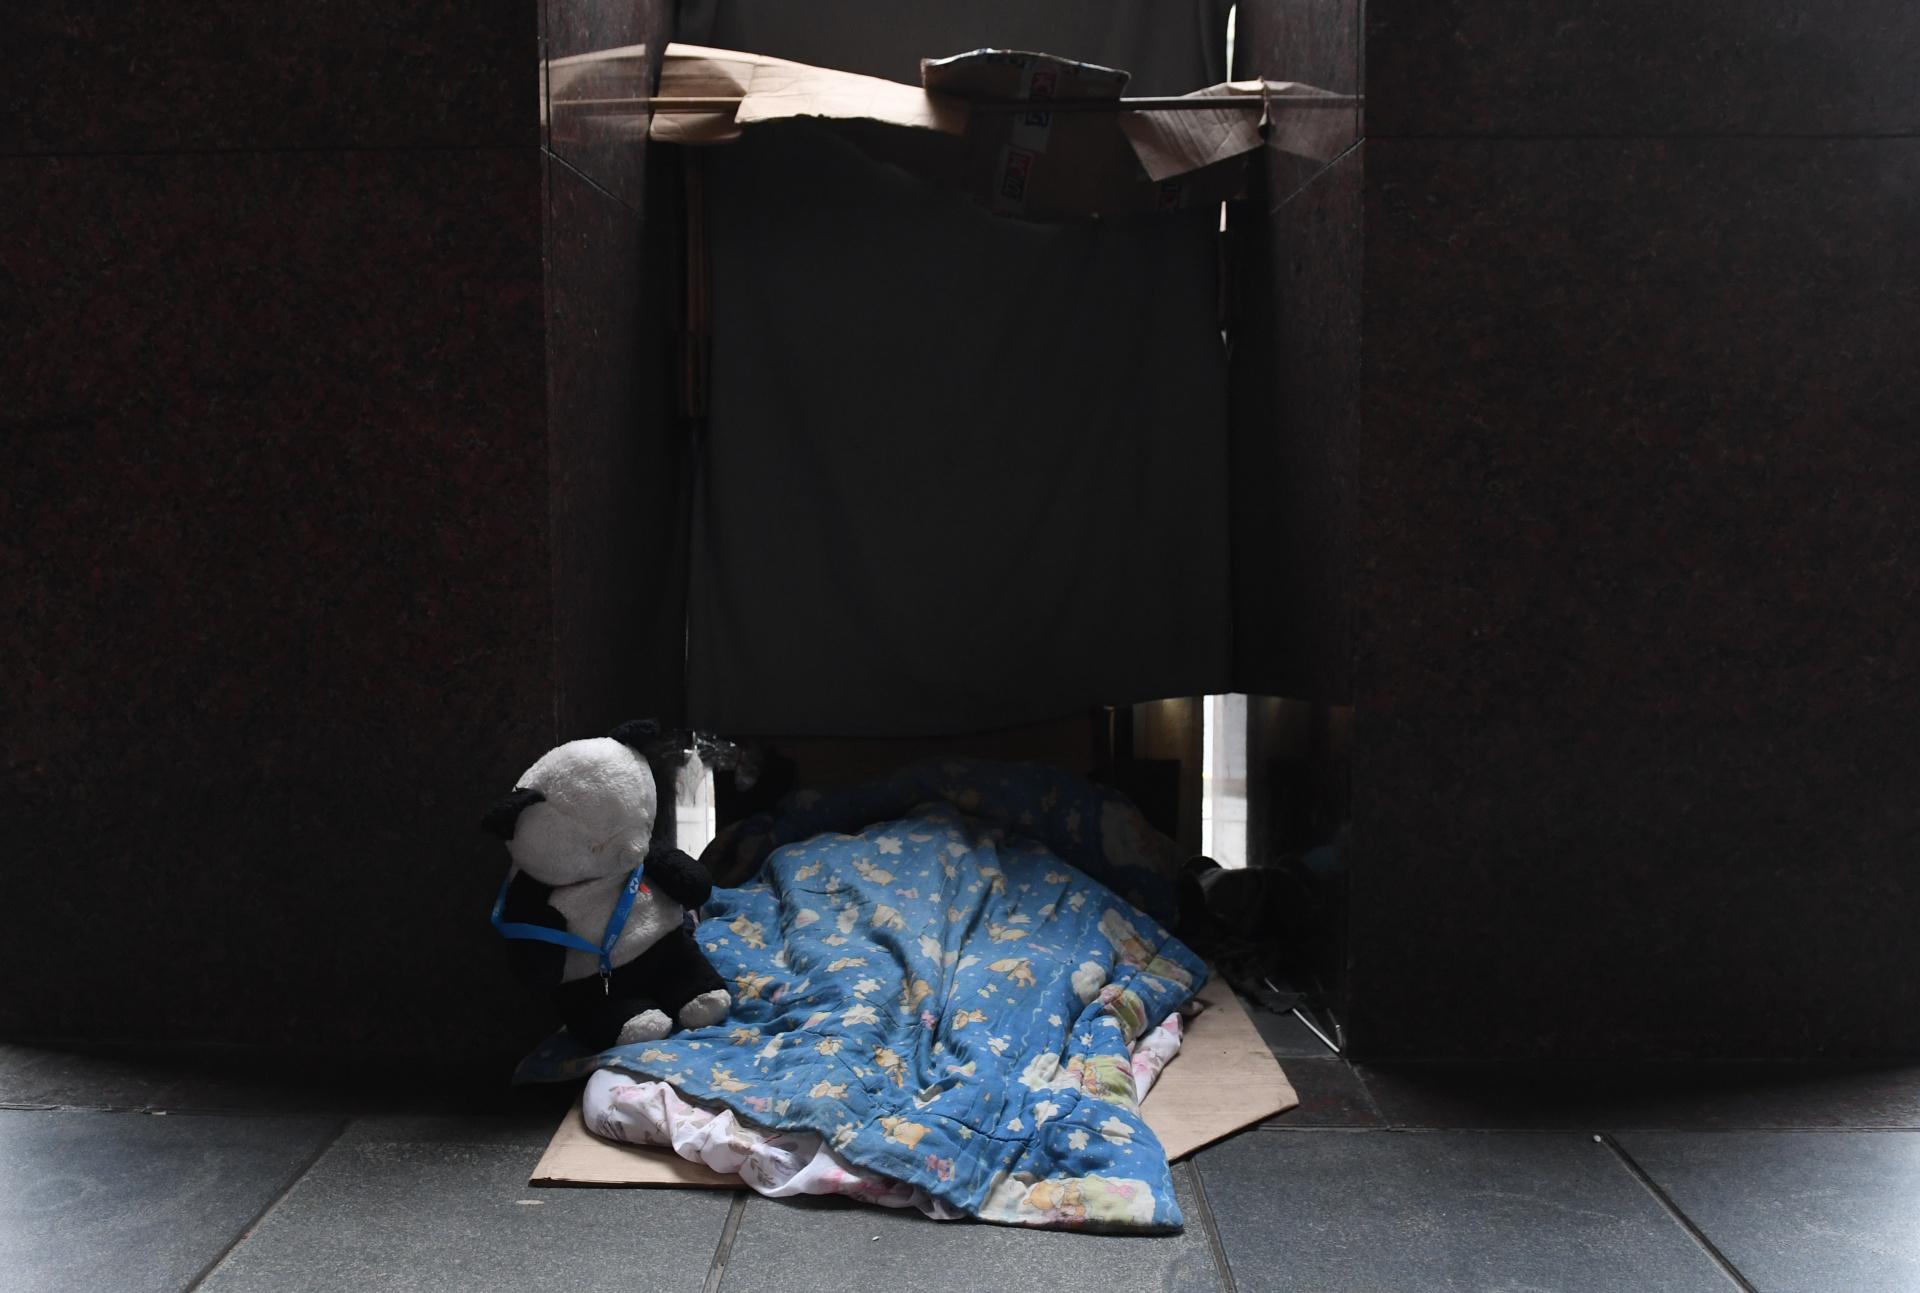 Del total de personas sin techo, 5.412 directamente viven en plazas, umbrales de edificios o en veredas de la Ciudad de Buenos Aires, de acuerdo a lo que los voluntarios recabaron en recorridos específicos entre el 25 y el 28 de abril del año pasado.